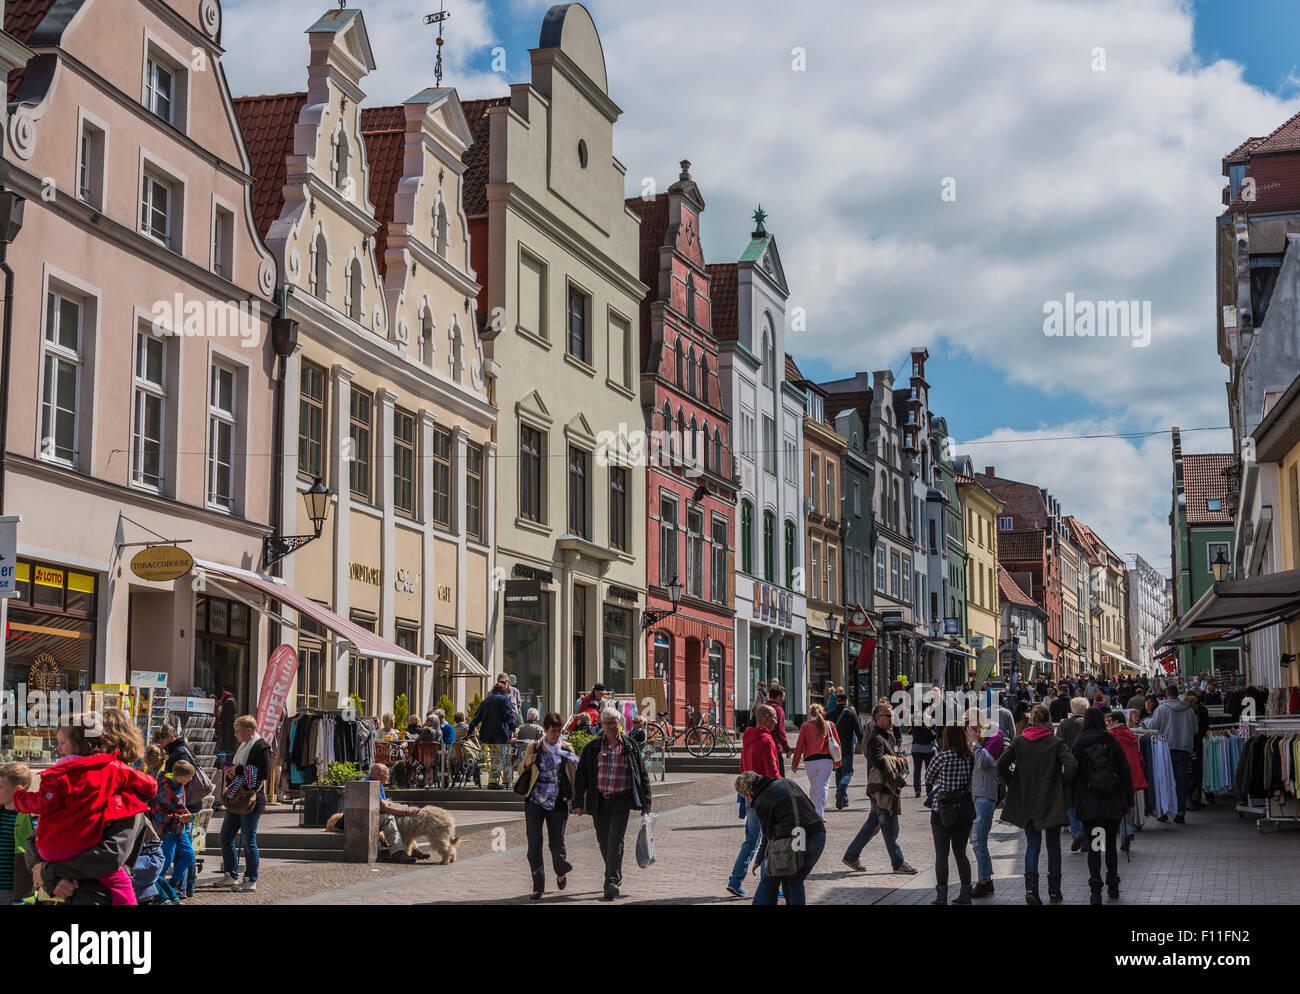 Pedestrian zone, city of Wismar, Mecklenburg-Western Pomerania, Germany - Stock Image